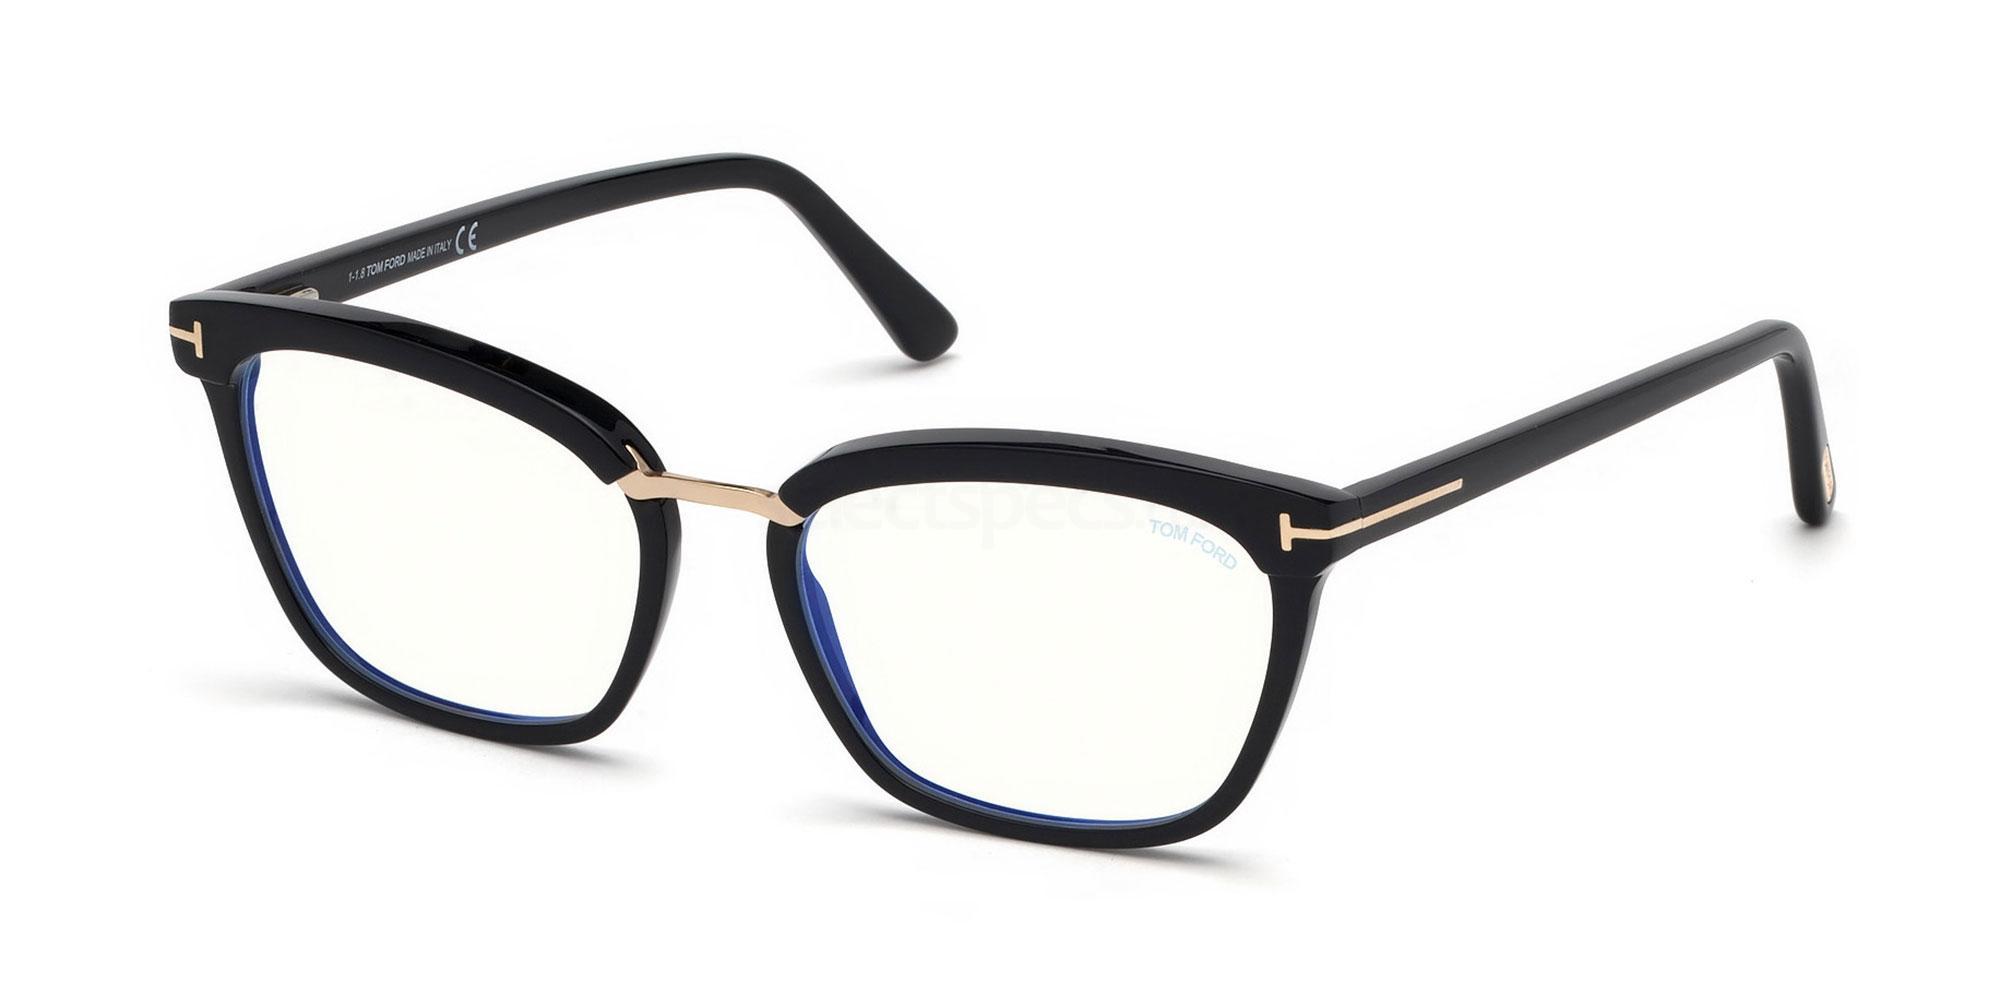 001 FT5550-B Glasses, Tom Ford